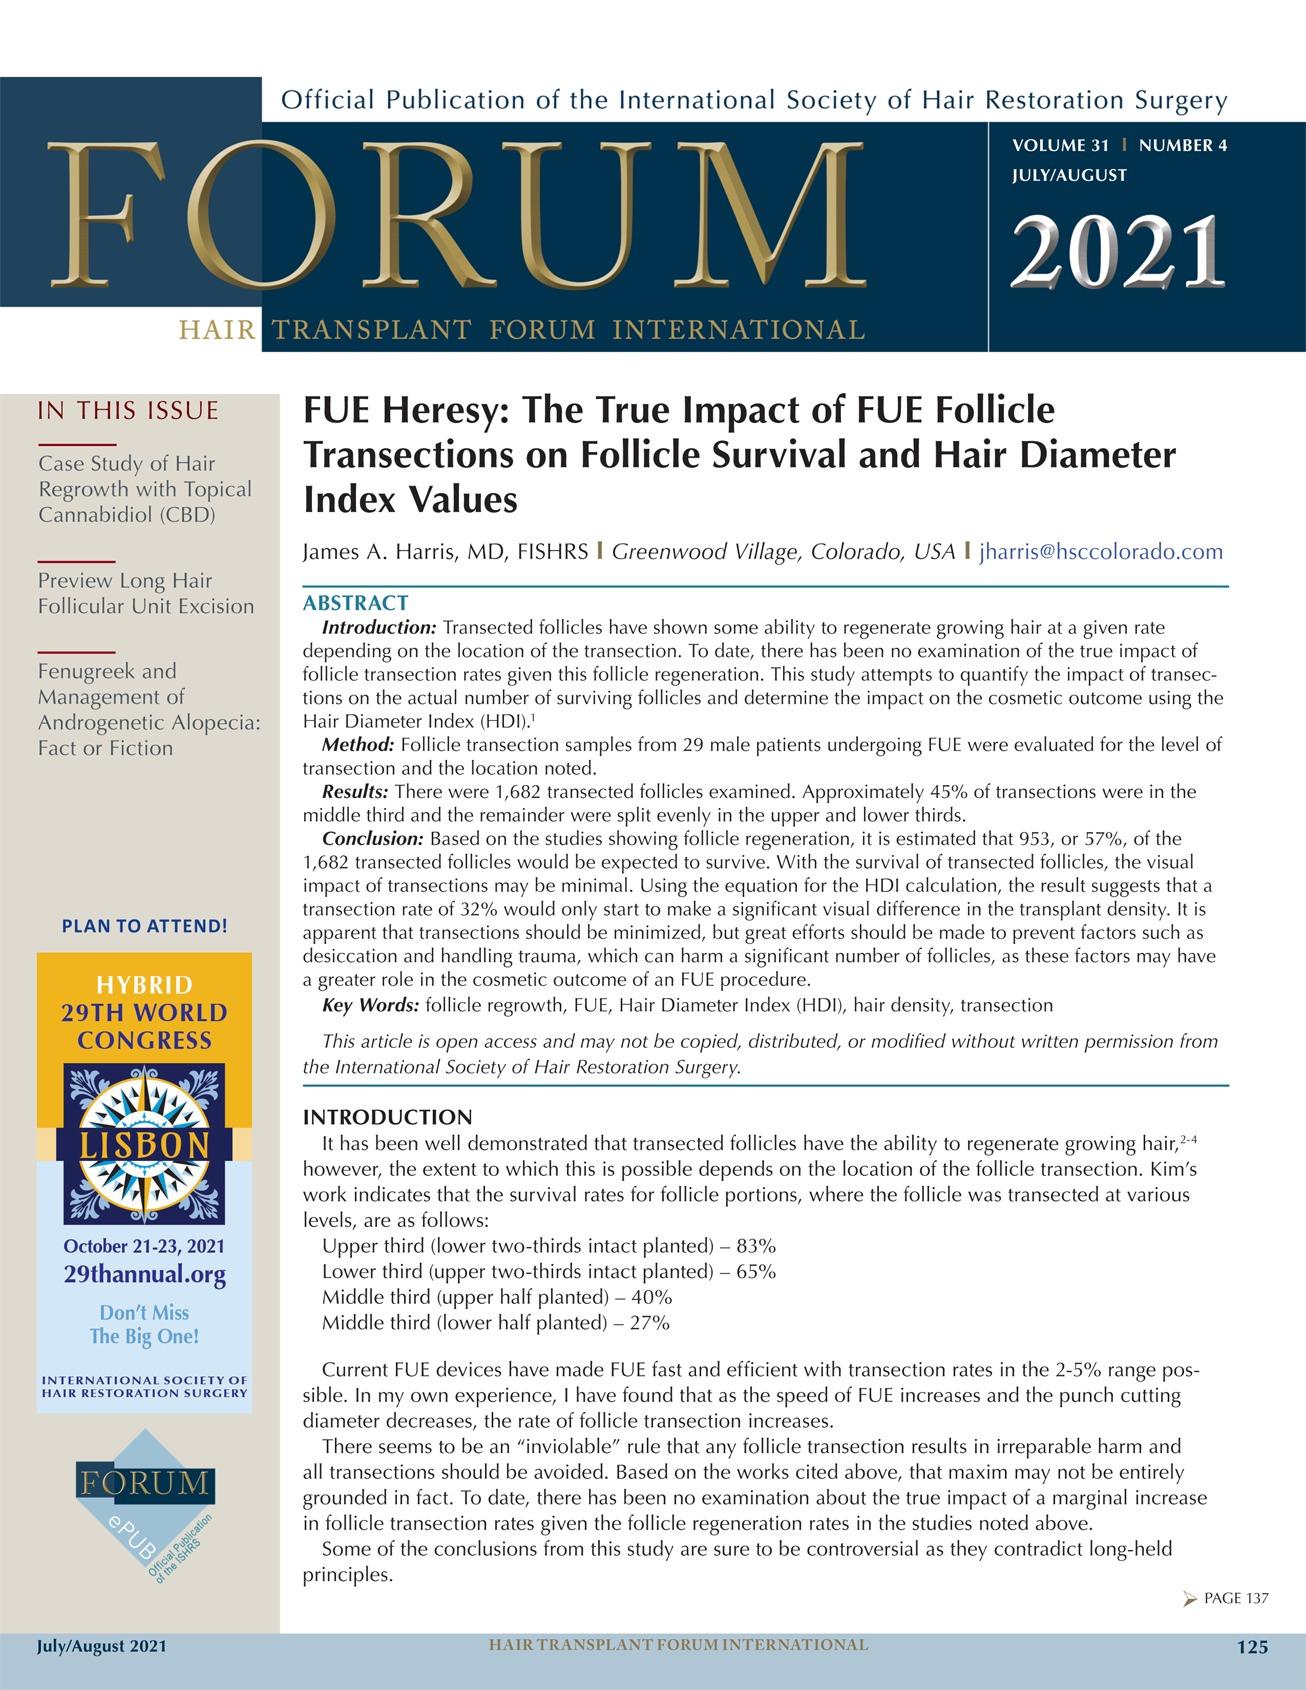 www.ishrs-htforum.org